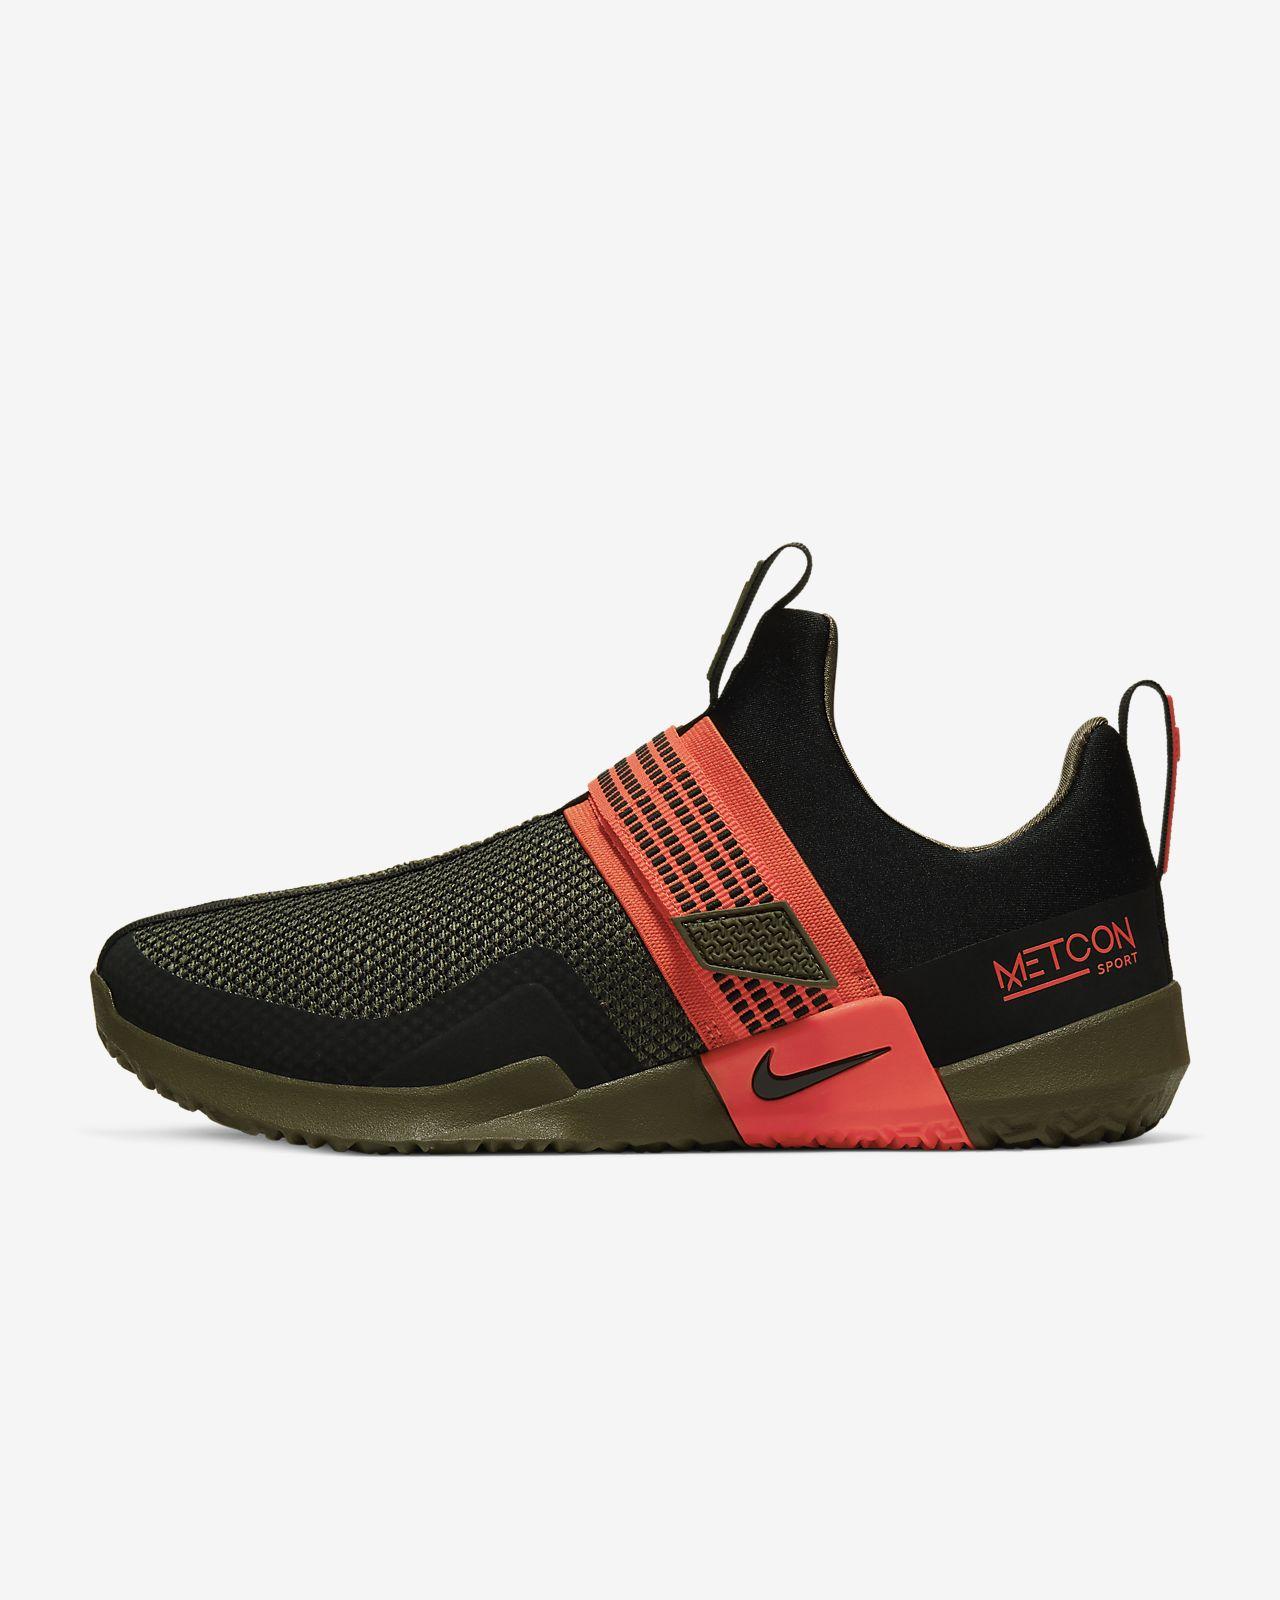 รองเท้าเทรนนิ่งผู้ชาย Nike Metcon Sport